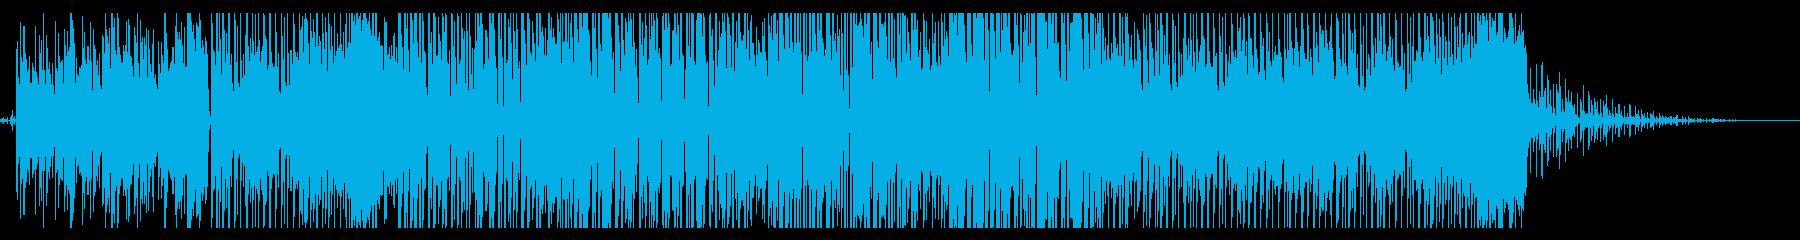 オシャレで可愛いジャージークラブの再生済みの波形